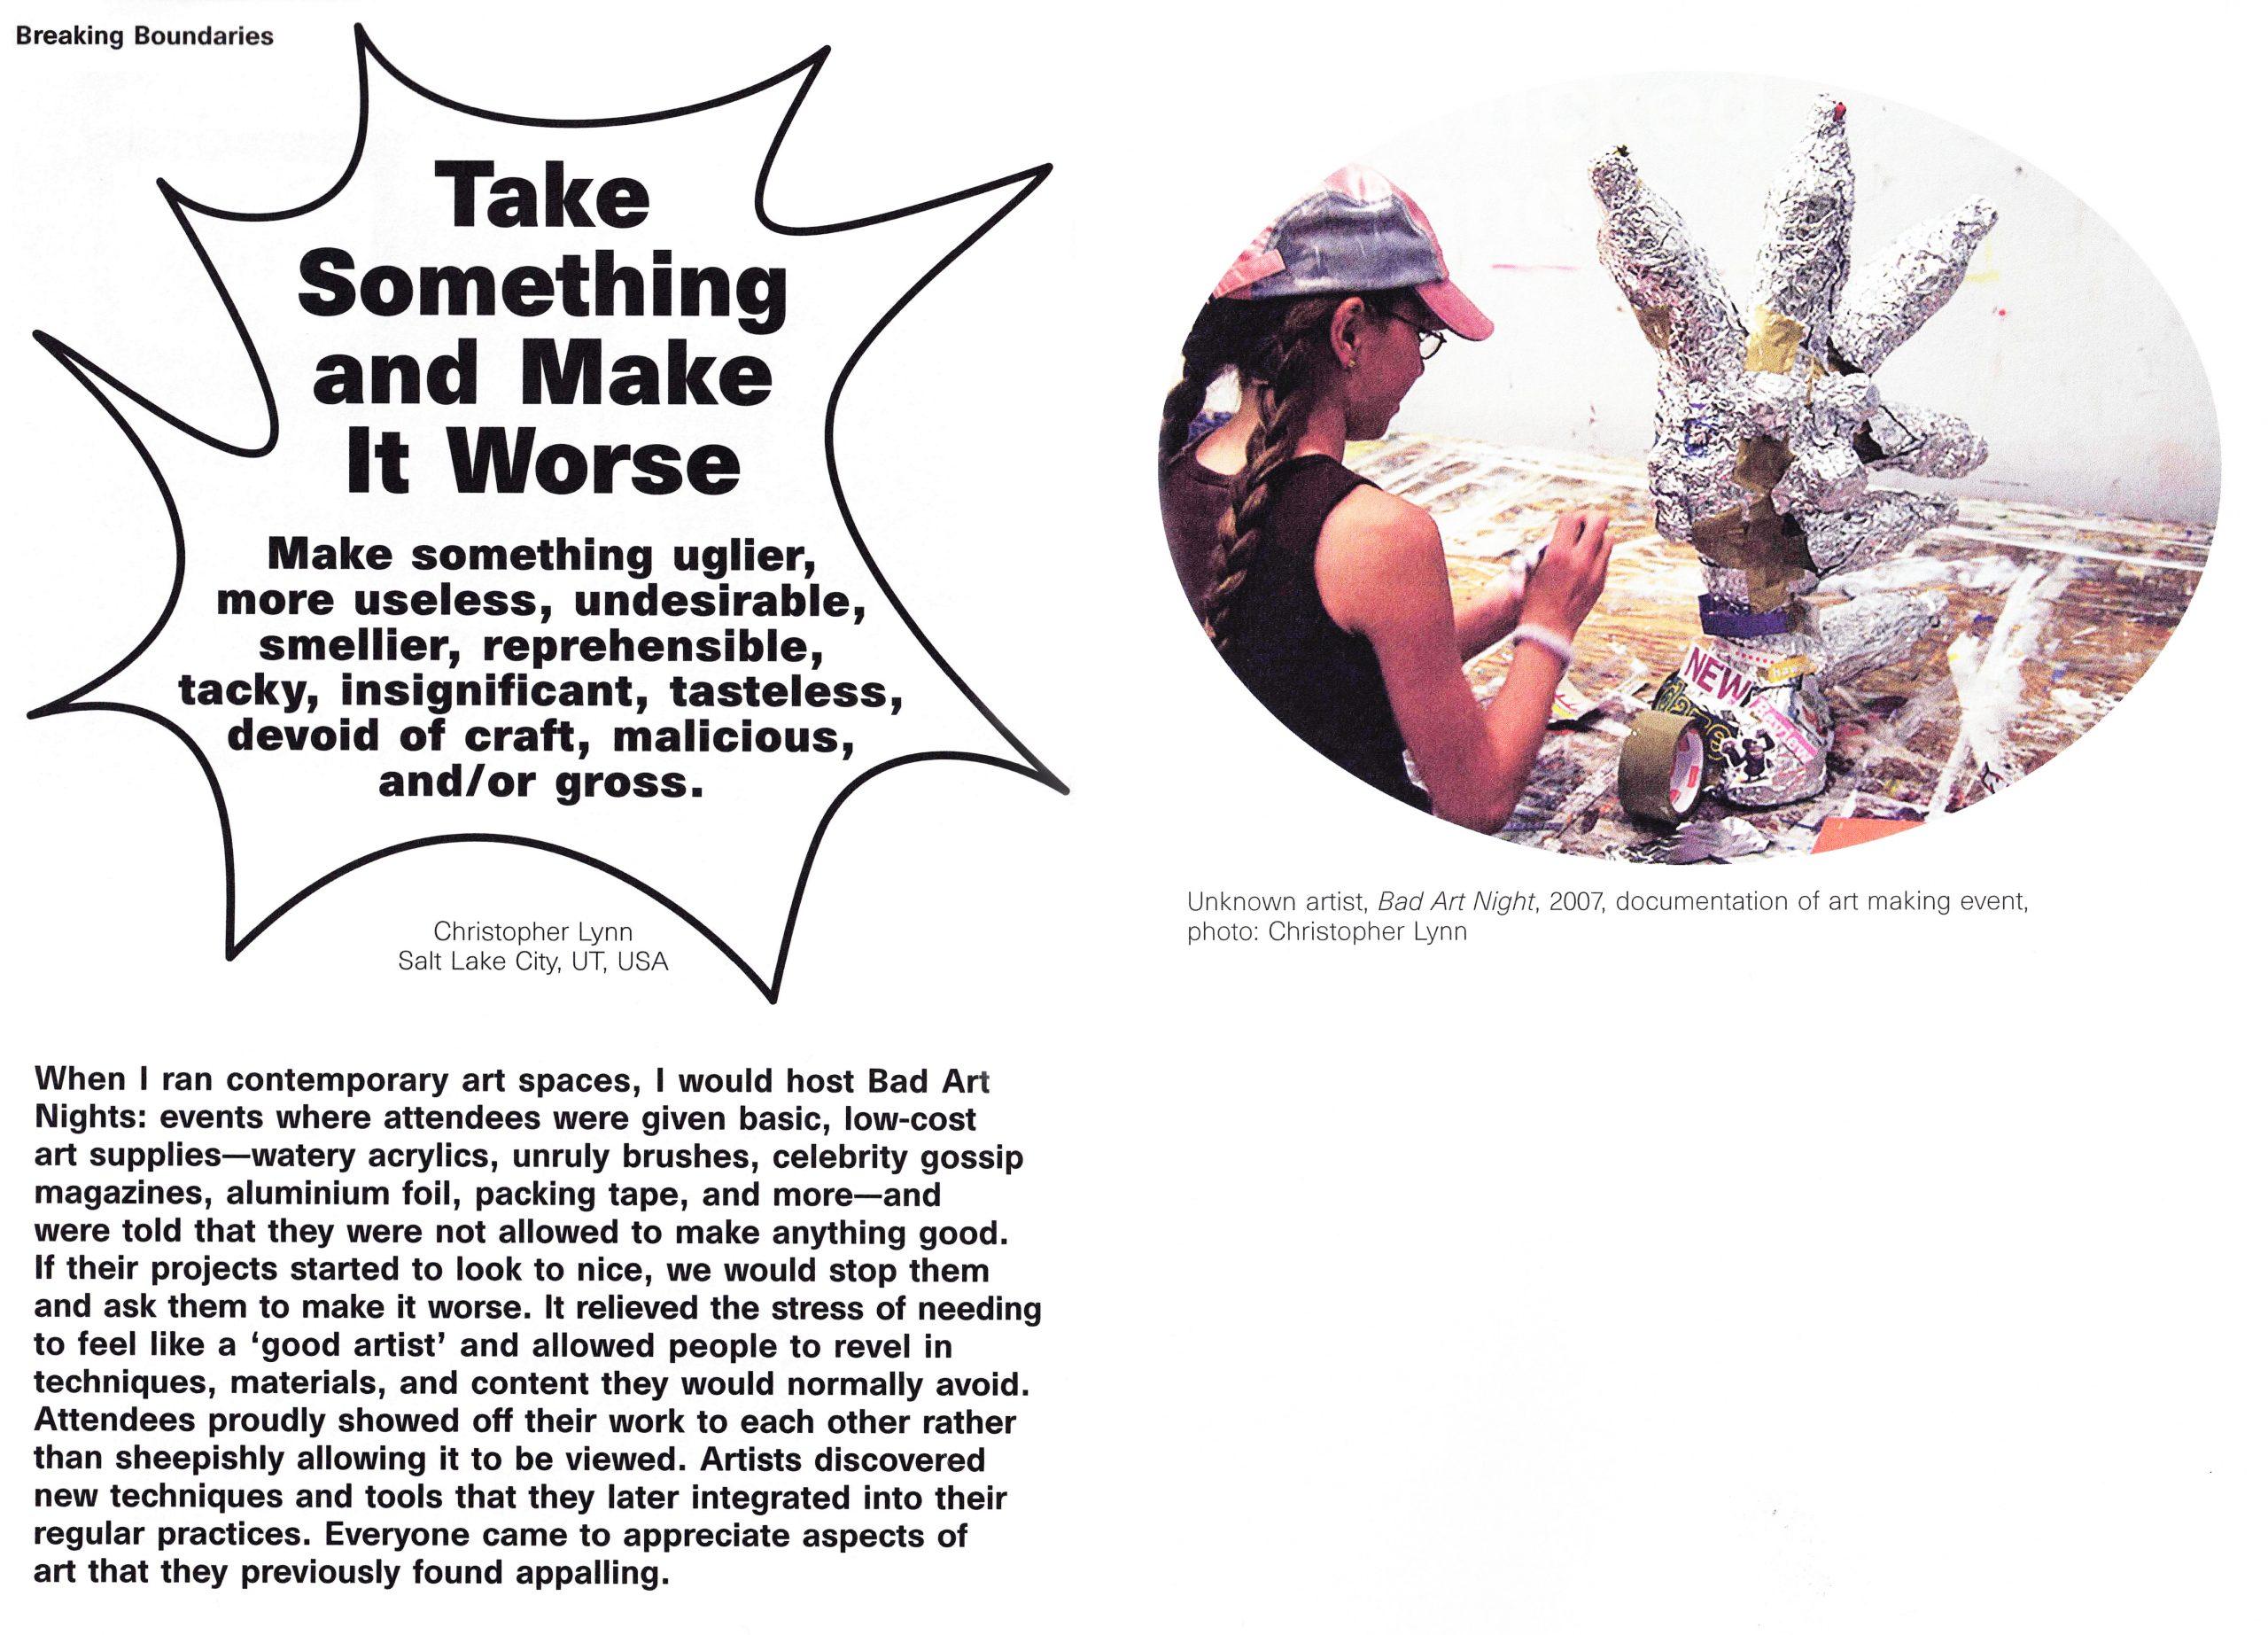 Take Something and Make It Worse